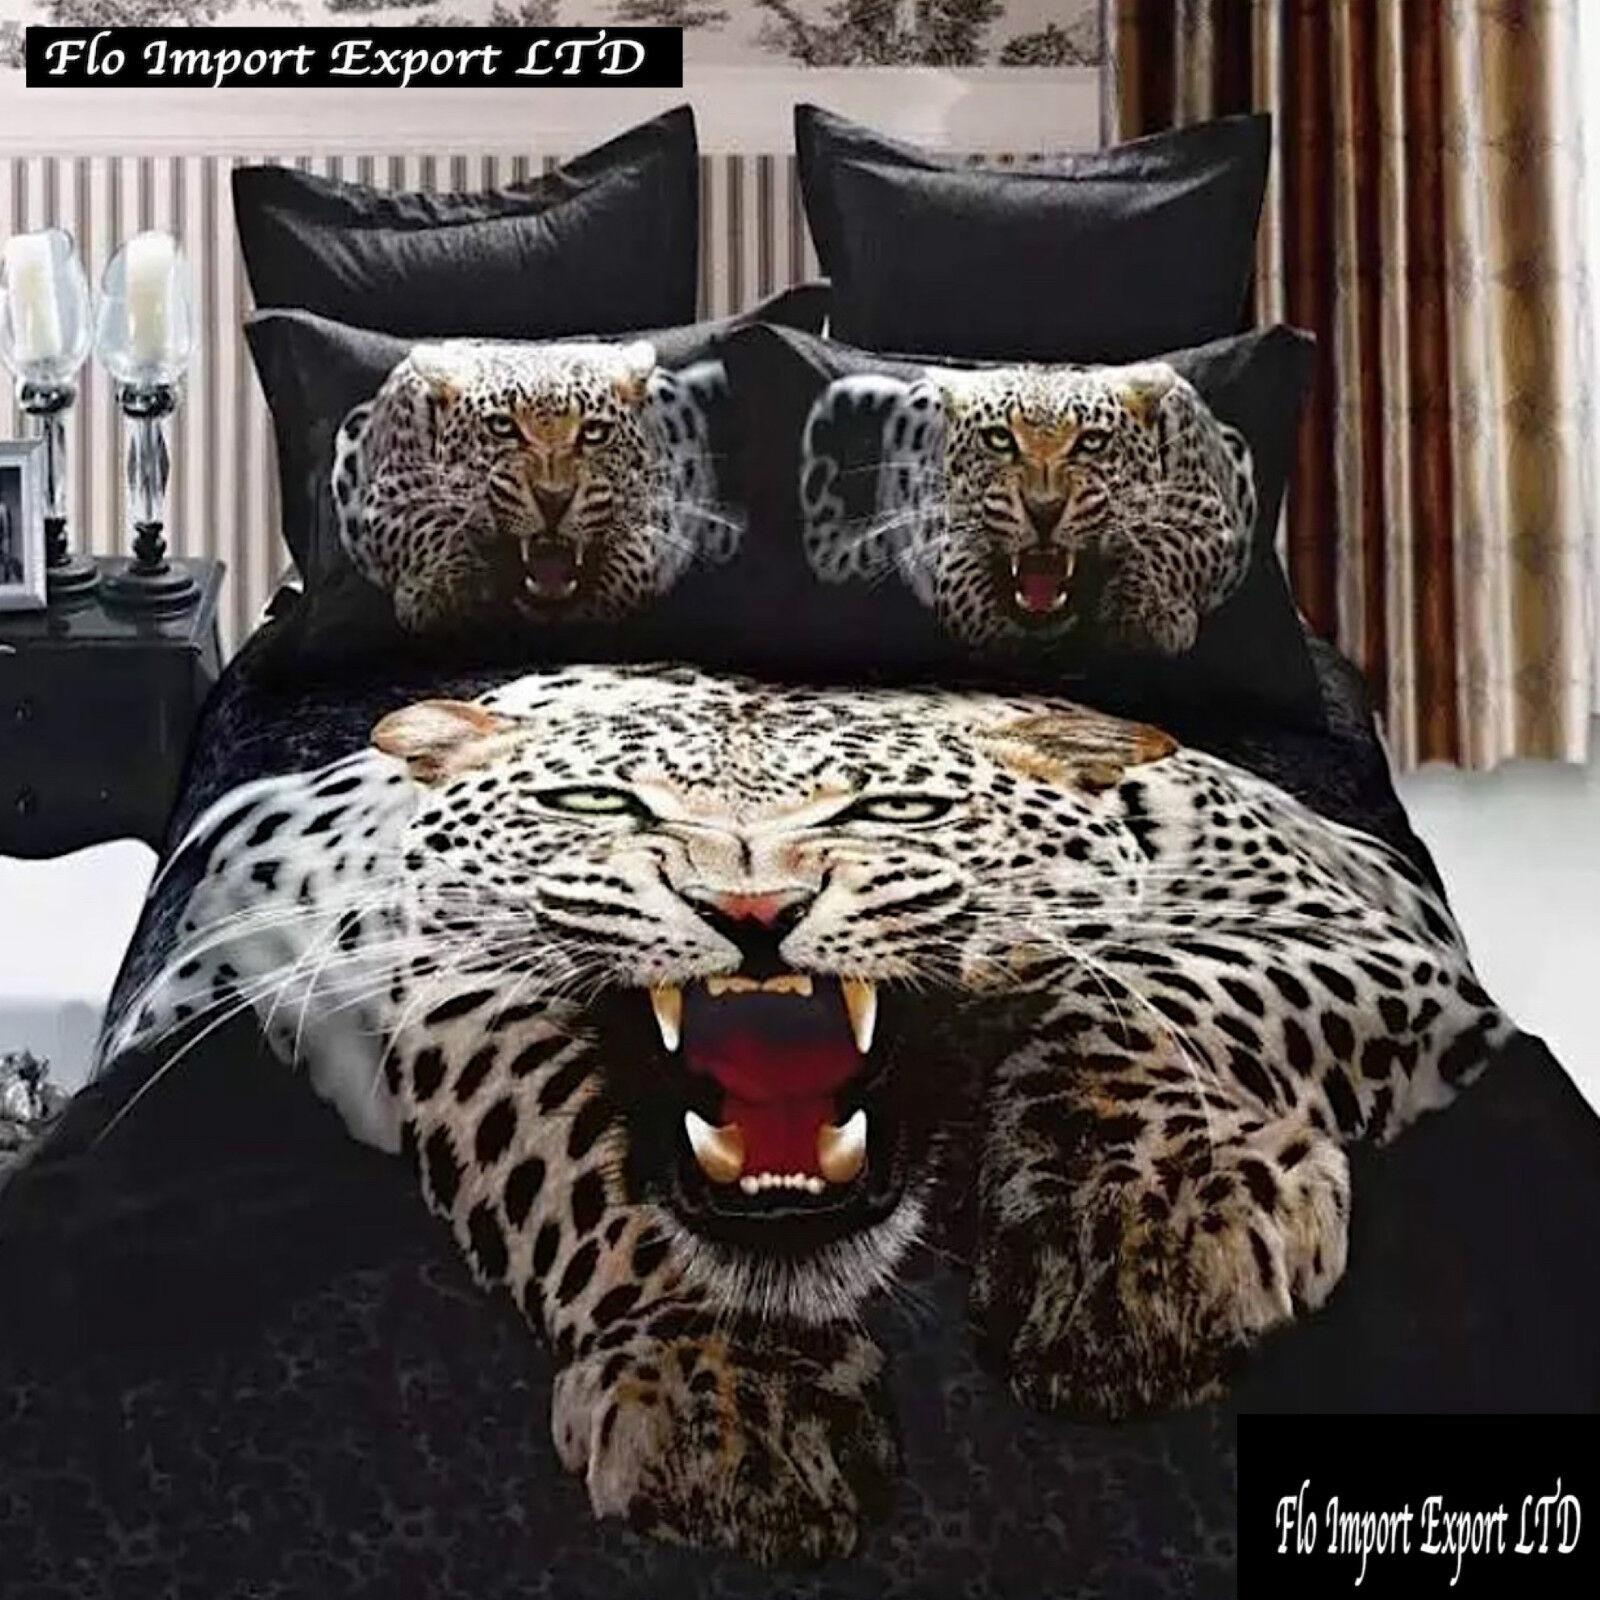 Set Letto Copri Piumone Lenzuolo Federe Copripiumone Duvet Cover Bed Set BED0047